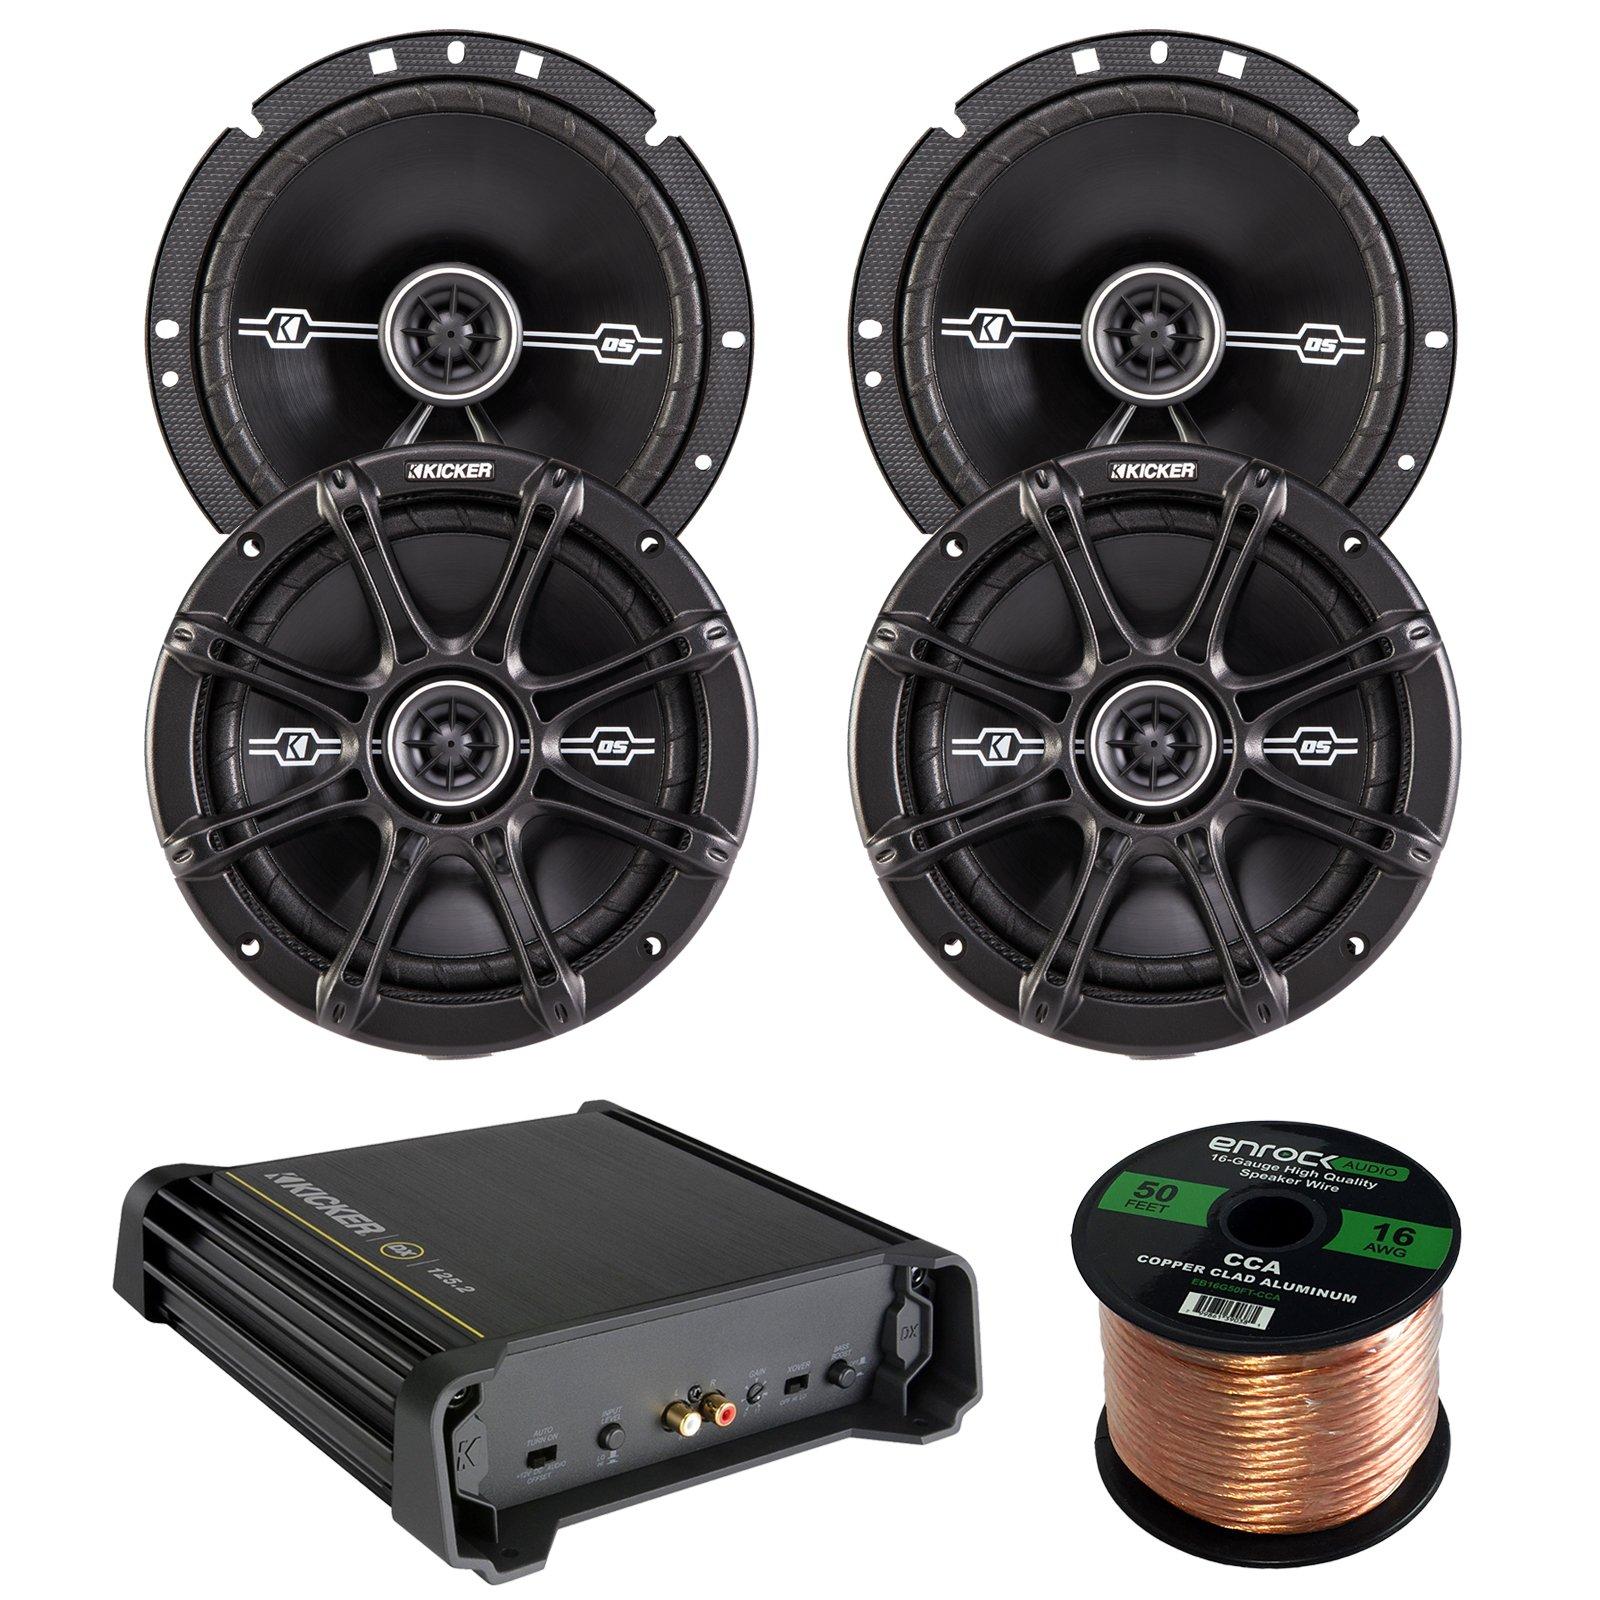 Car Amp & Speaker Combo:2 Pairs of Kicker 41DSC674 6.75'' Inch 240 Watt 2-Way Black Coaxial Speakers Bundle With 125 Watt RMS 2-Channel DX Series Audio Amplifier + Enrock 50 Foot 16 Gauge Speaker Wire